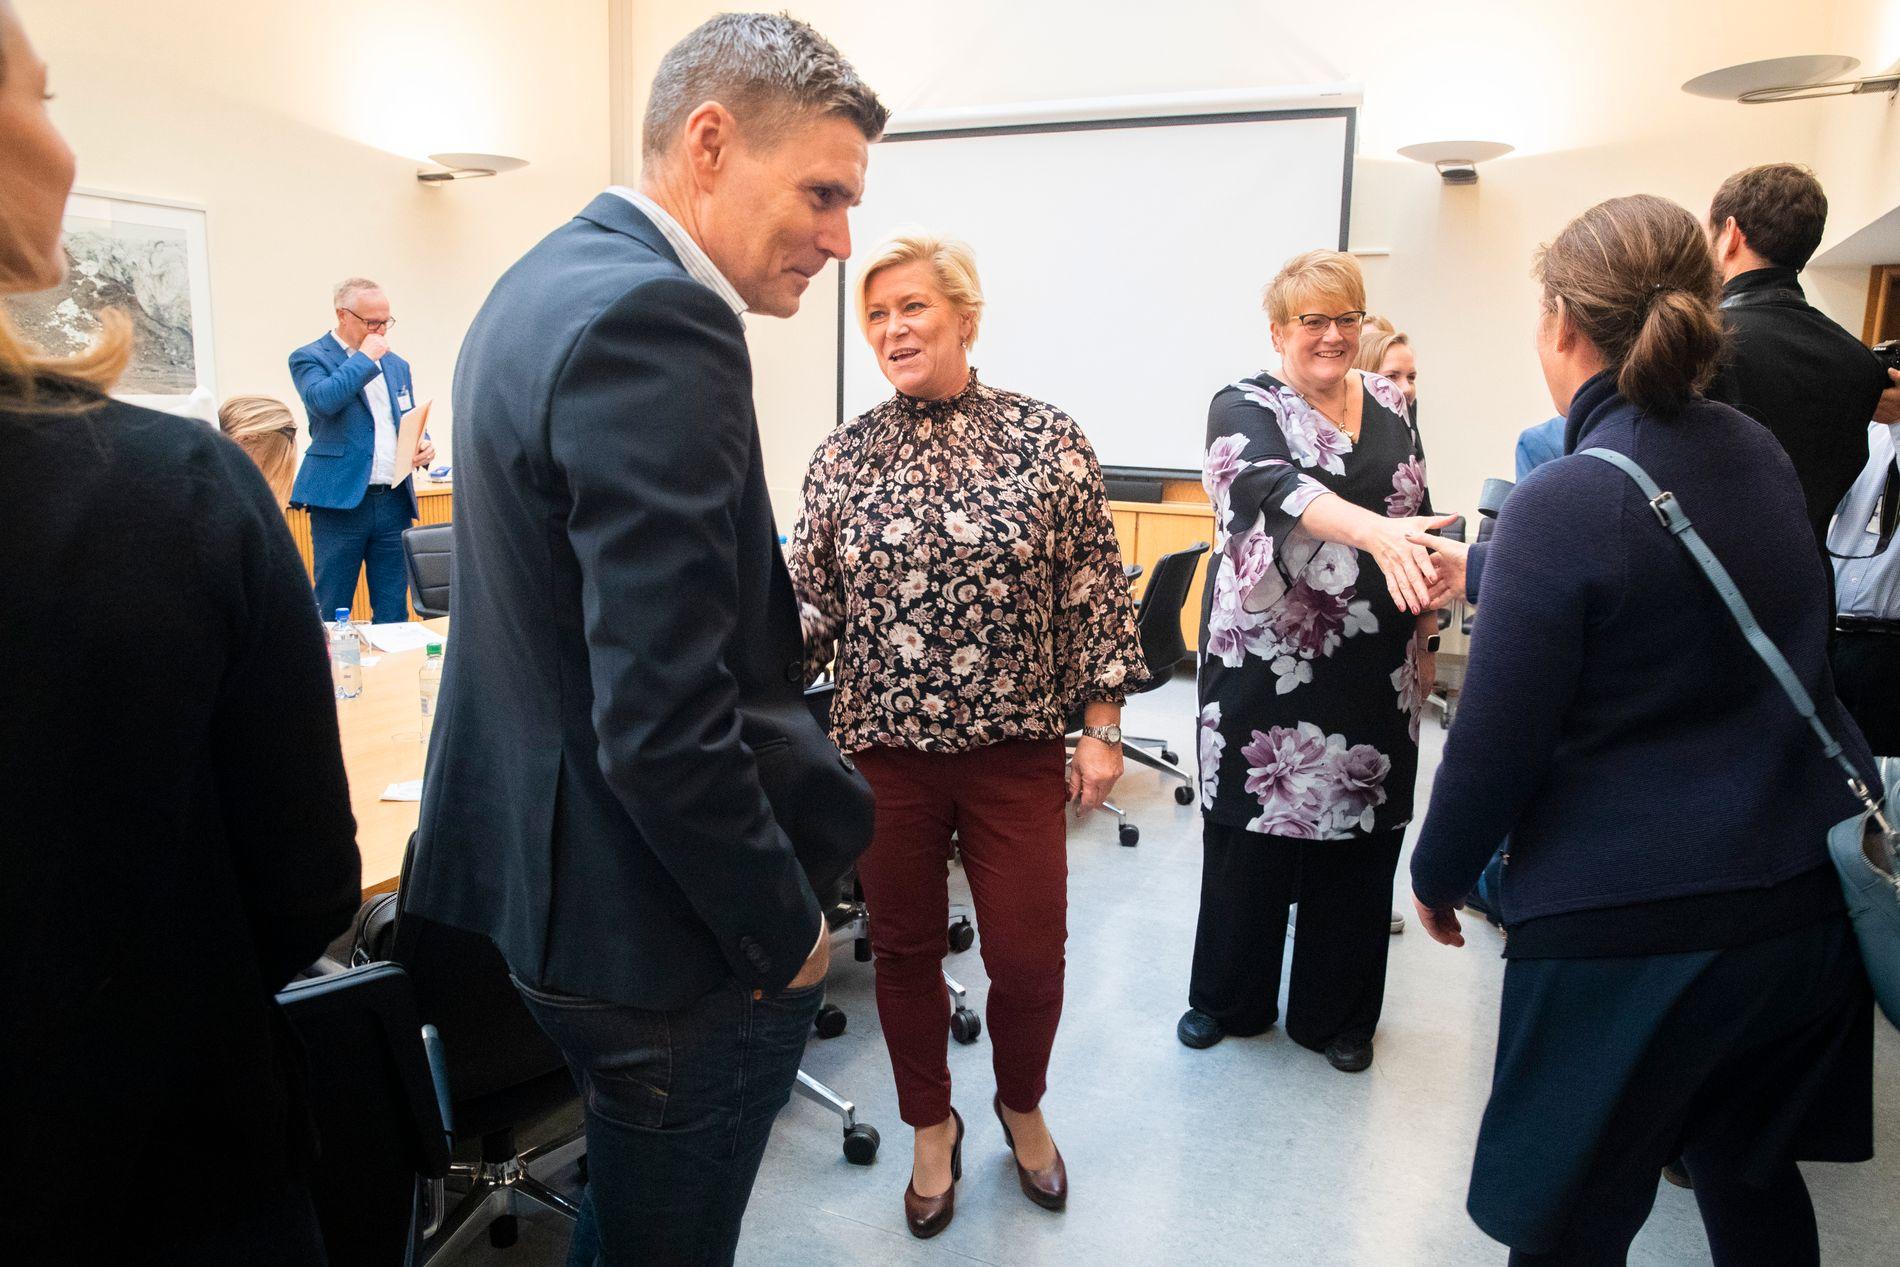 UVITENDE: Mandag 24. september var Trine Skei Grande (V) og Siv Jensen (Frp) på et møte finansnæringen. Ingen av dem hadde da fått beskjed av Hareide.